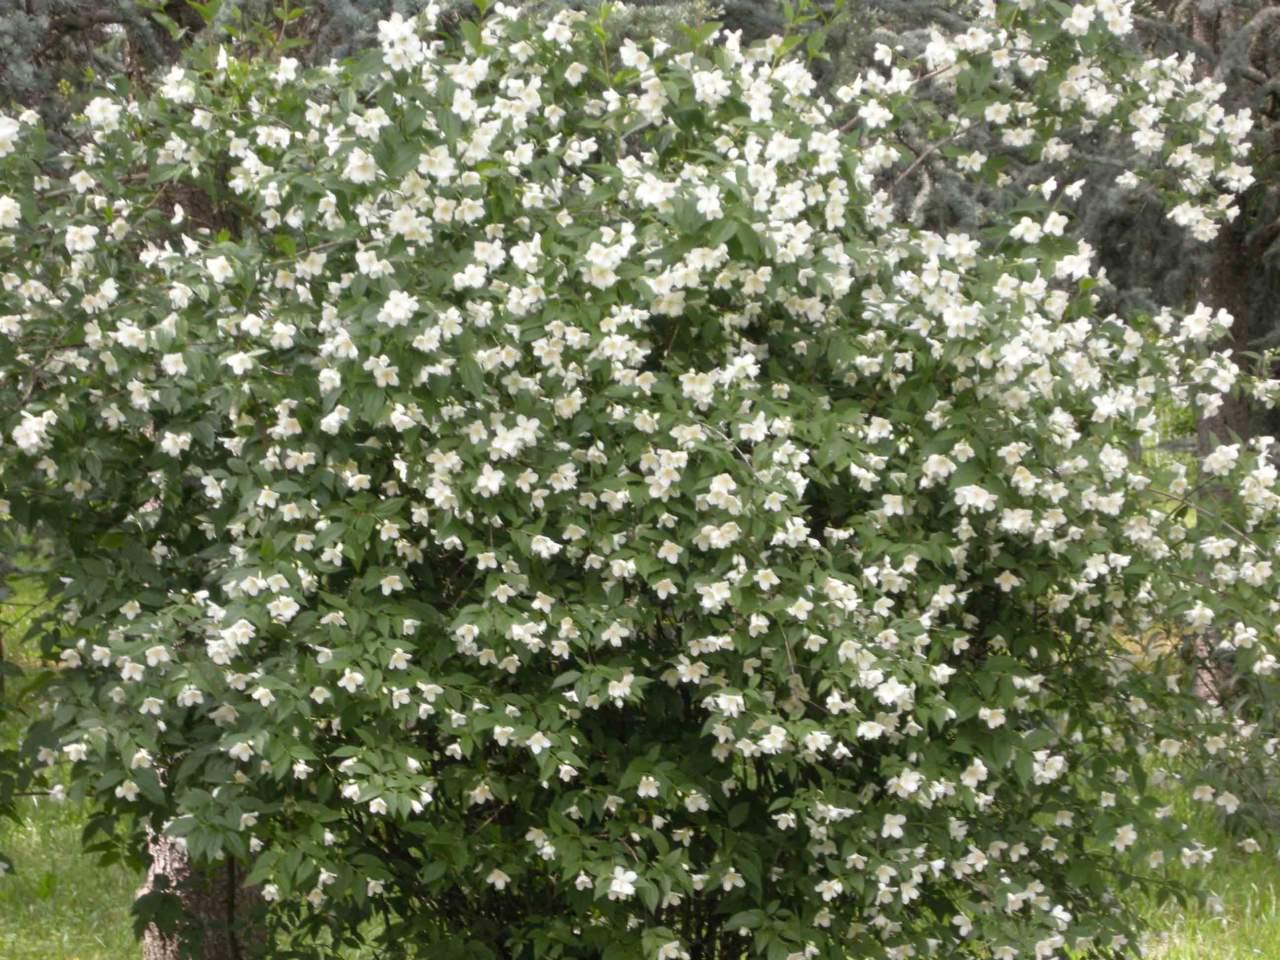 Calendario Lunare Maggio.Calendario Lunare E Giardinaggio In Maggio Passione In Verde